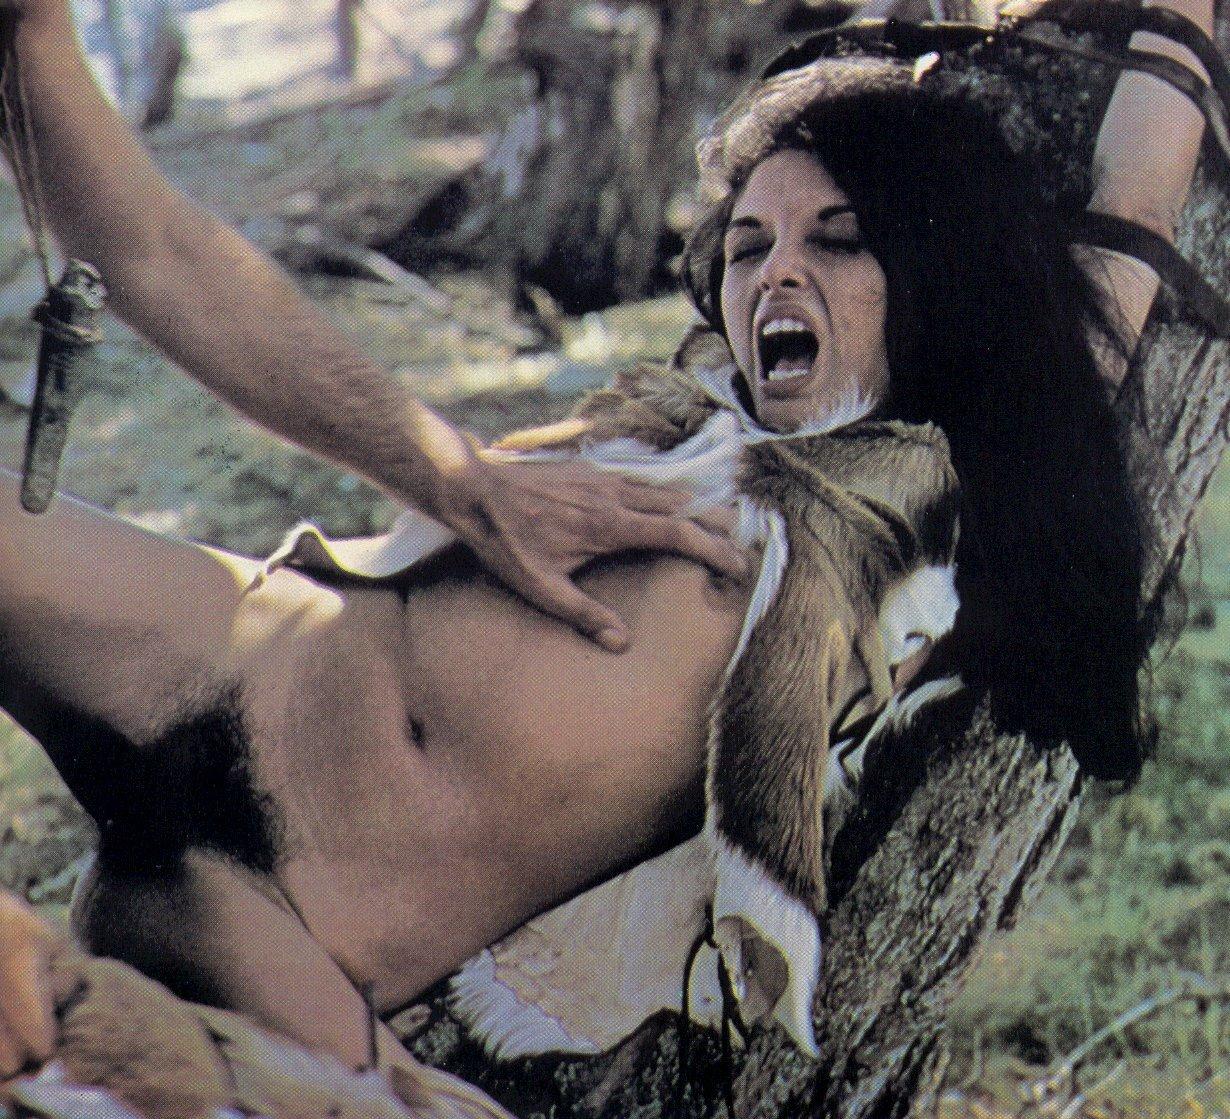 Порно фильмы во времена каменного века 1 фотография